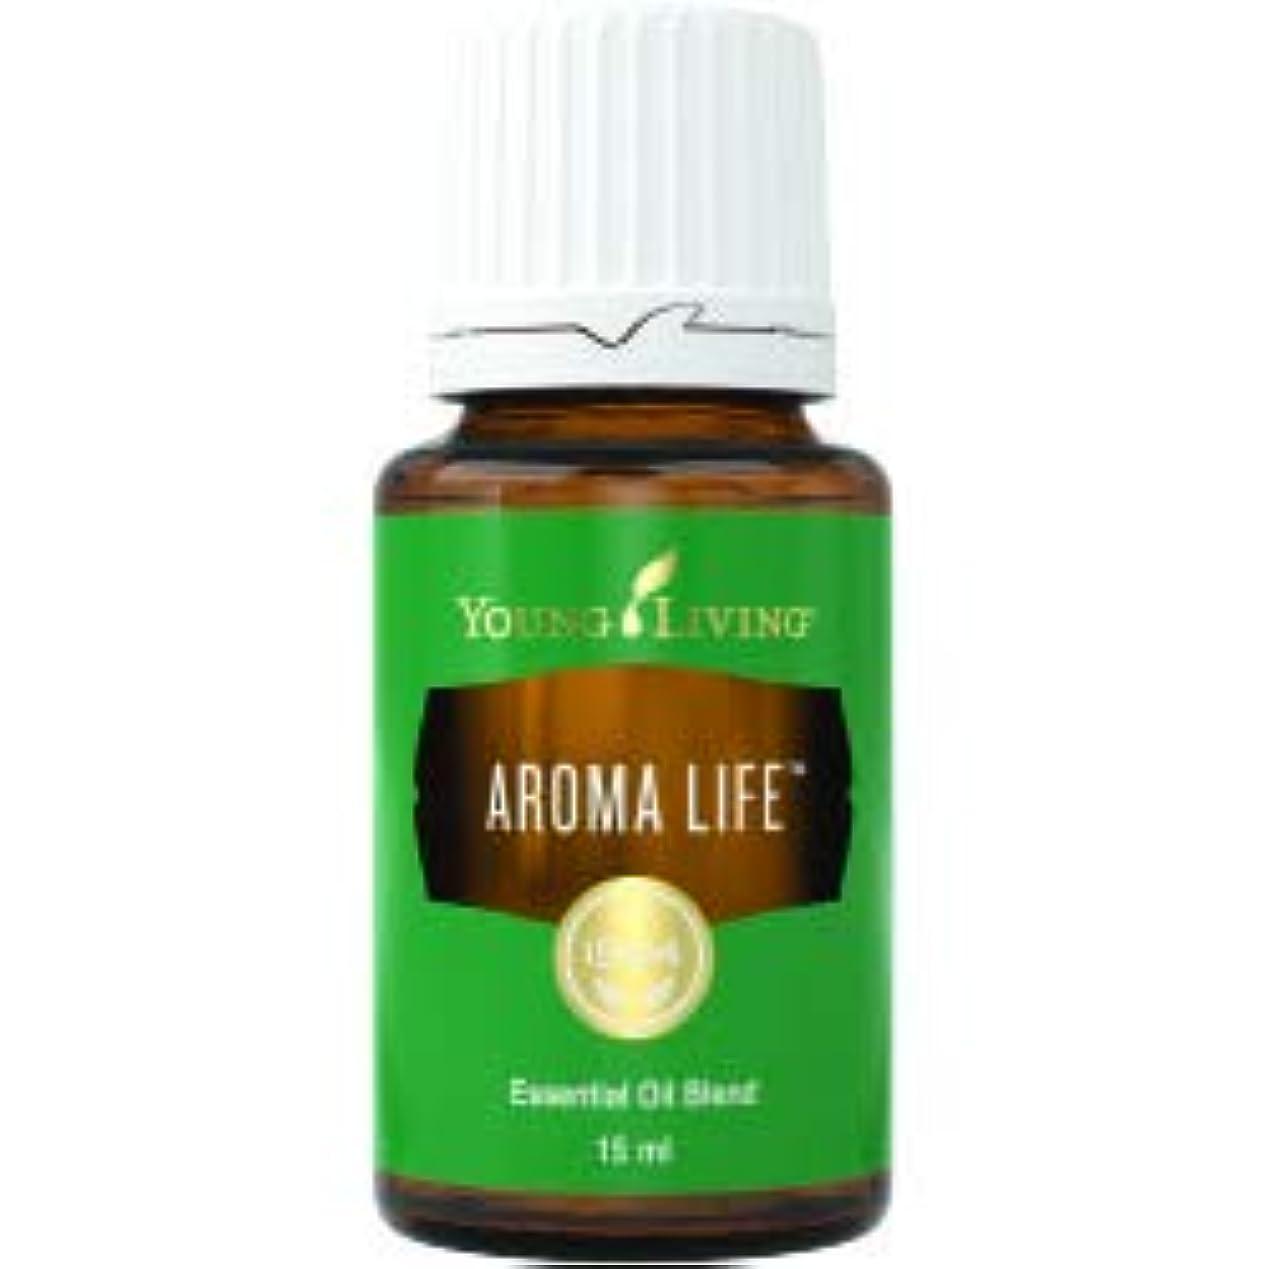 メール請求可能煩わしいアロマライフ™は、イランイランの調和効果と既知の大手サイプレス、ヘリクリサム、マジョラムを組み合わせたものです。オイルブレンドはあなたの生命力を活性化し、リラックスをもたらします Aroma Life Essential...